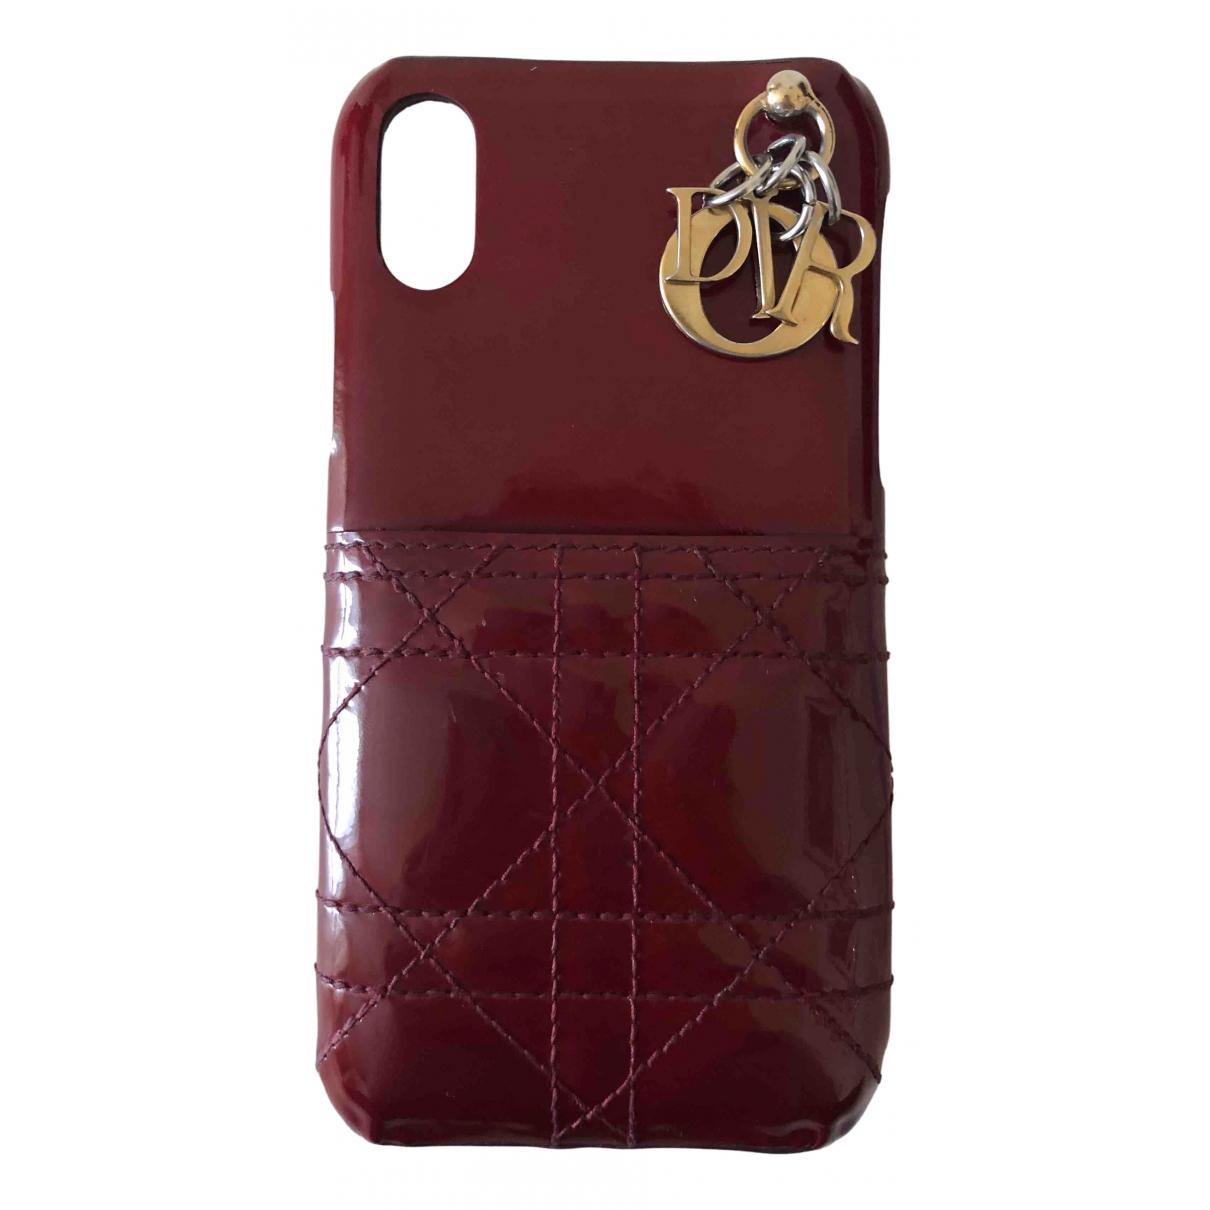 Dior - Accessoires   pour lifestyle en cuir verni - rouge